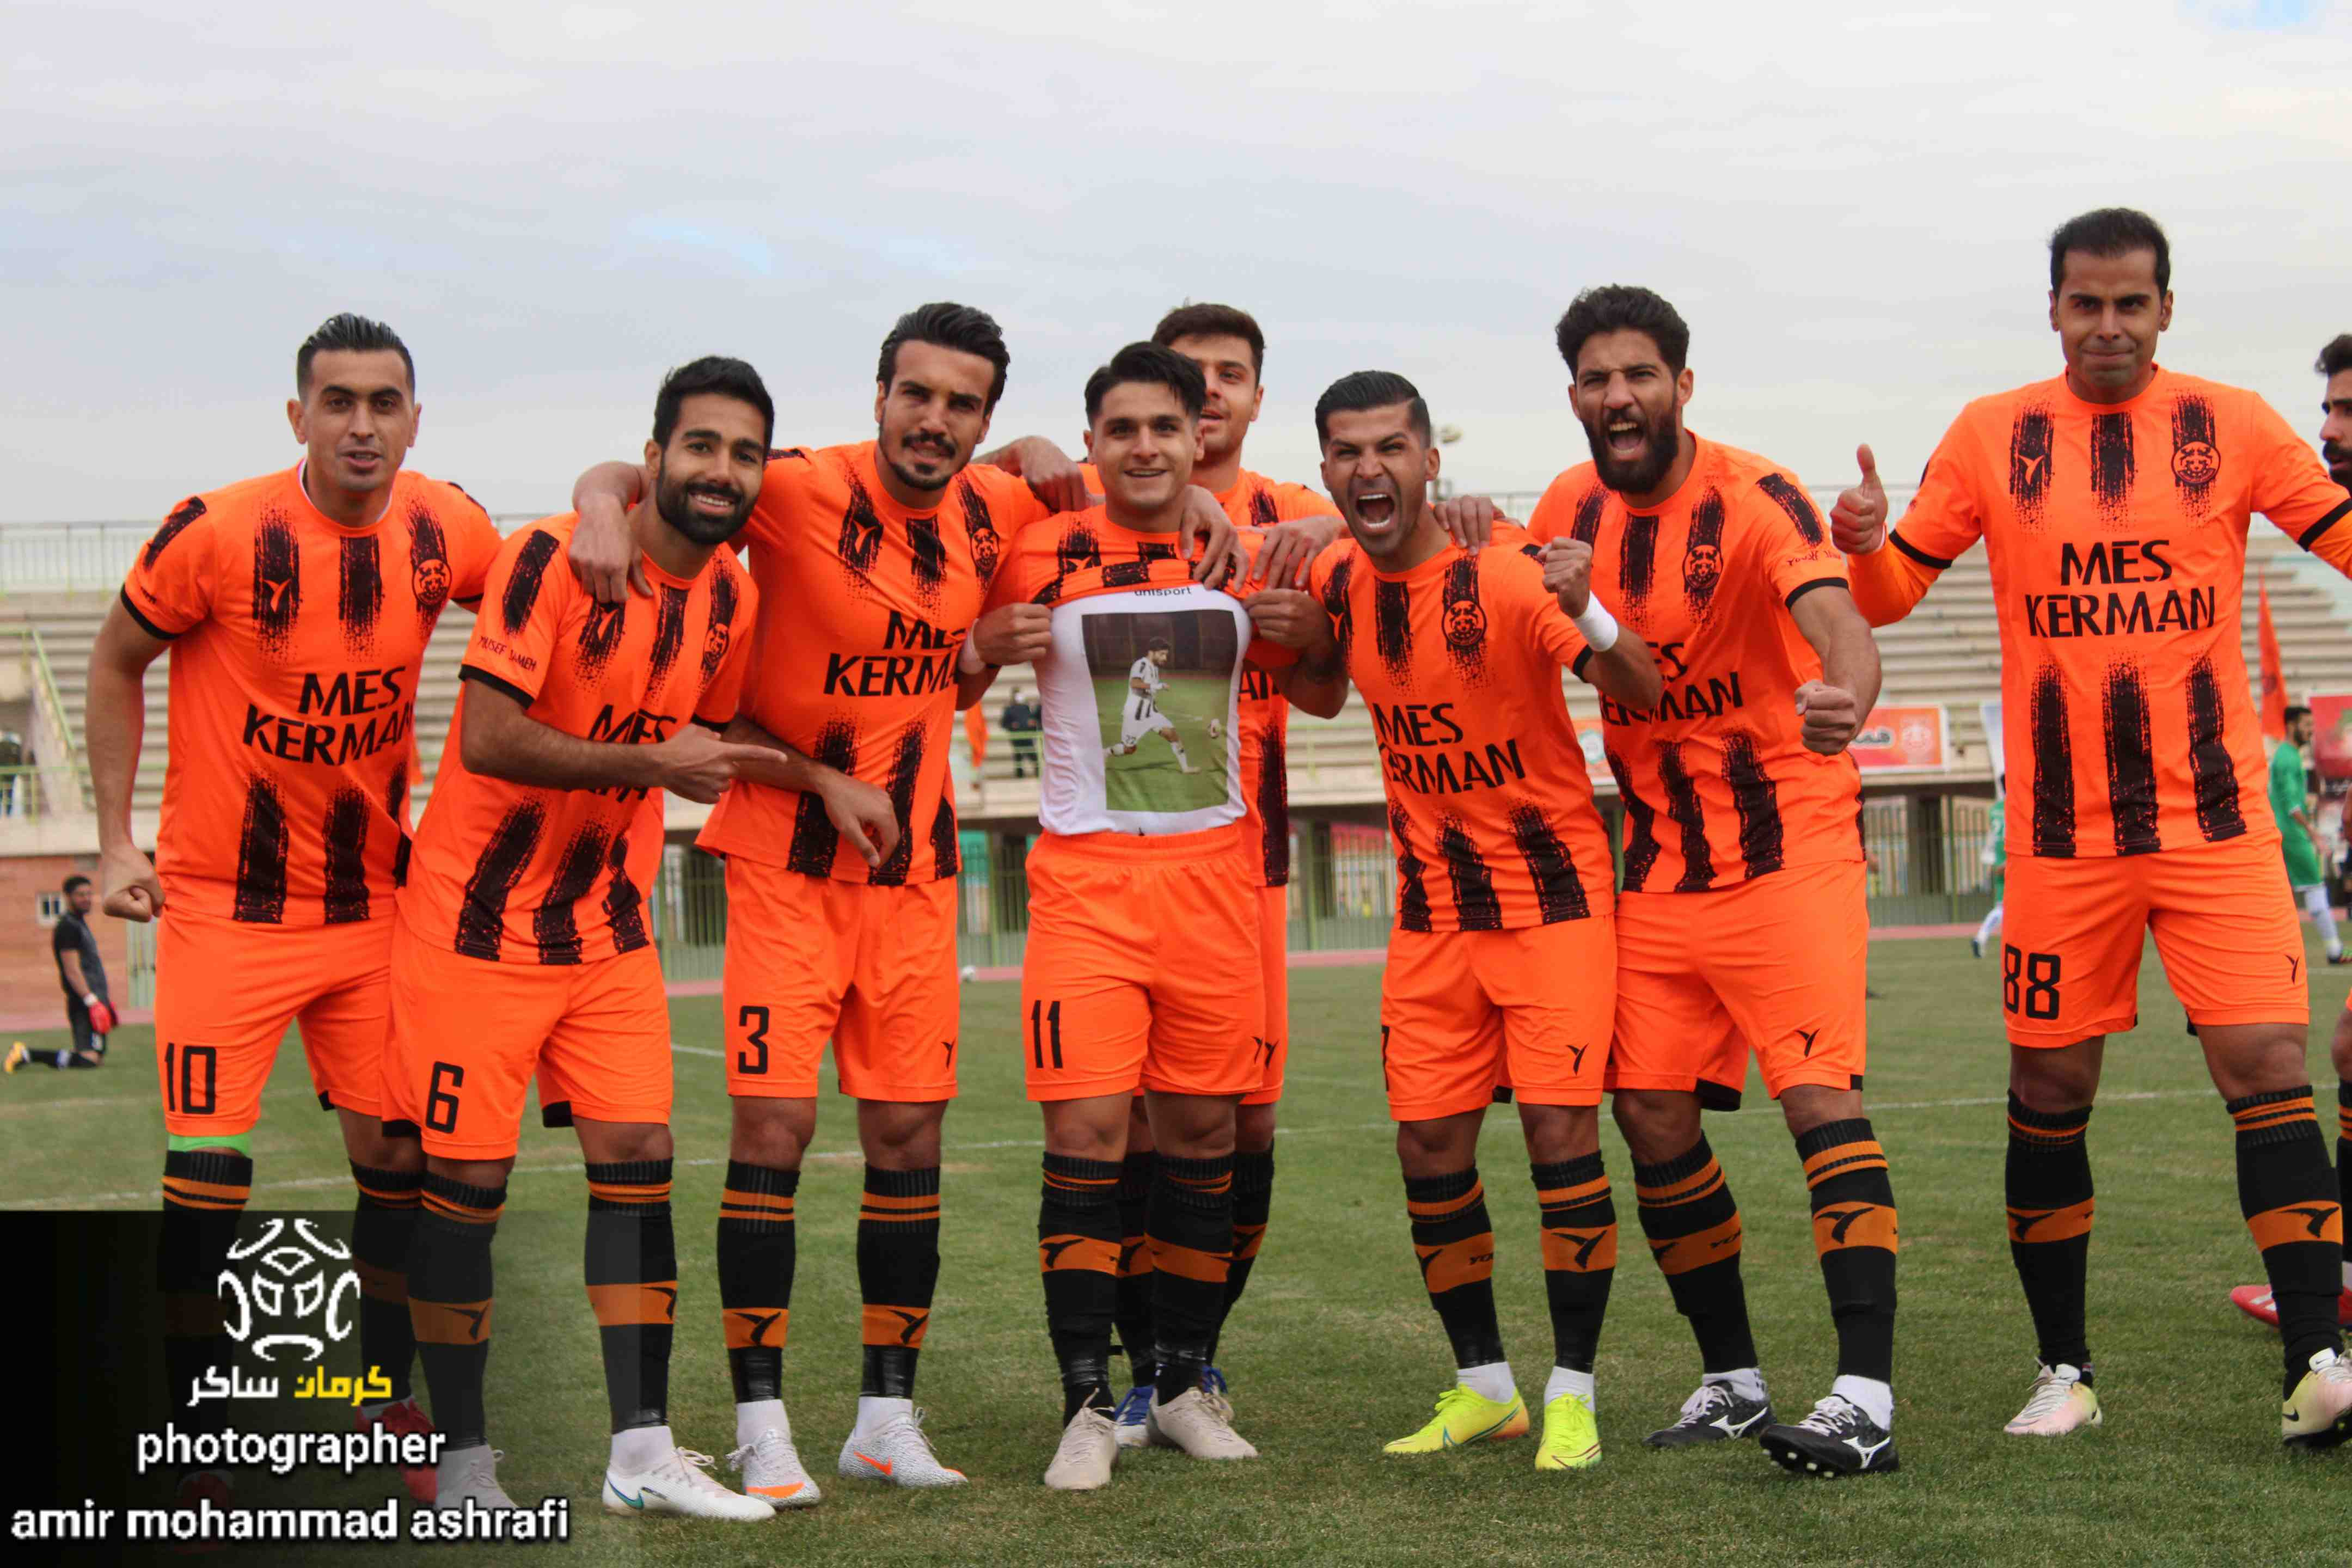 گزارش تصویری: هفته هفتم لیگ یک فوتبال کشور/مس کرمان- چوکا تالش از نگاه دوربین امیرمحمد اشرفی